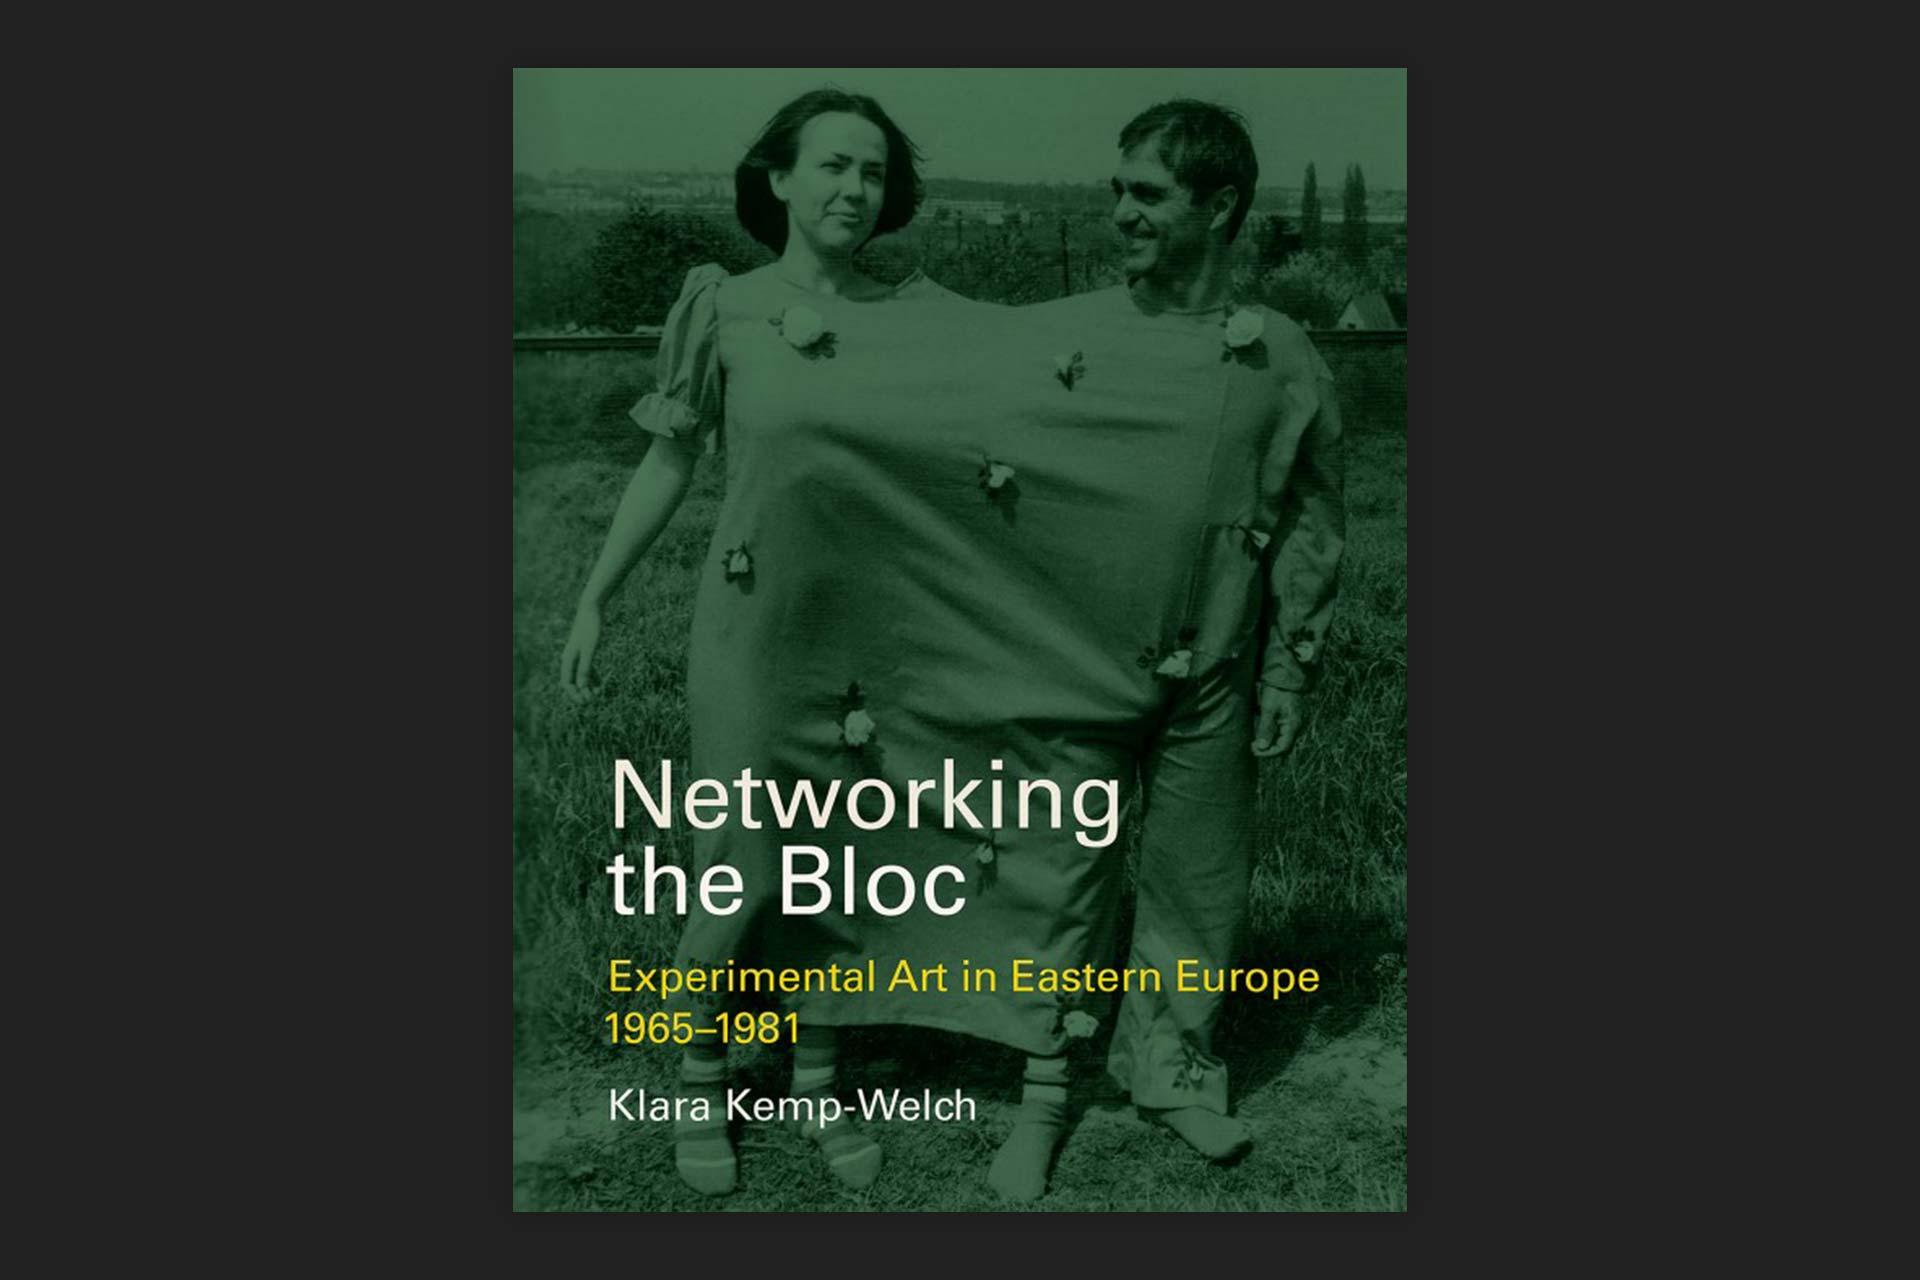 Networking the Bloc, MIT Press